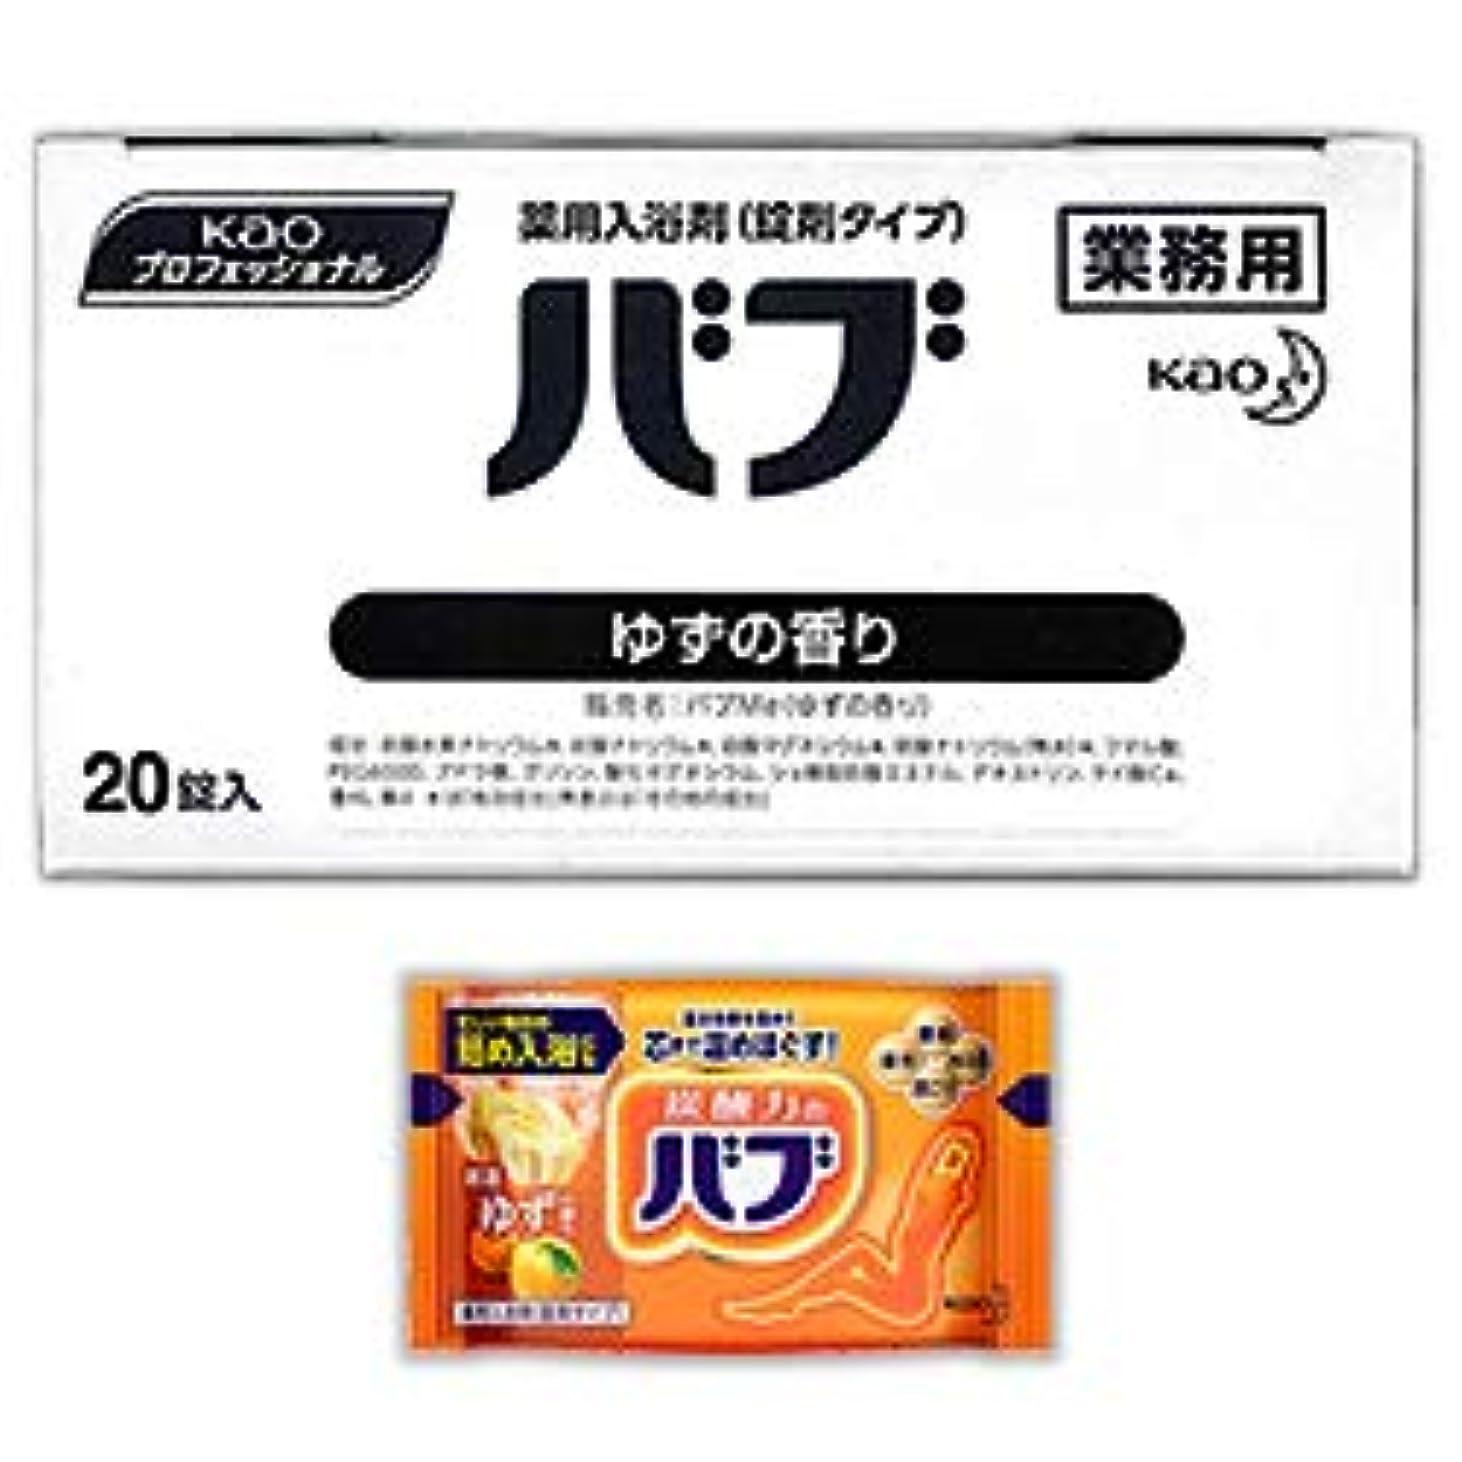 キャッシュどっちでもテレックス【花王】Kaoプロフェッショナル バブ ゆずの香り(業務用) 40g×20錠入 ×5個セット